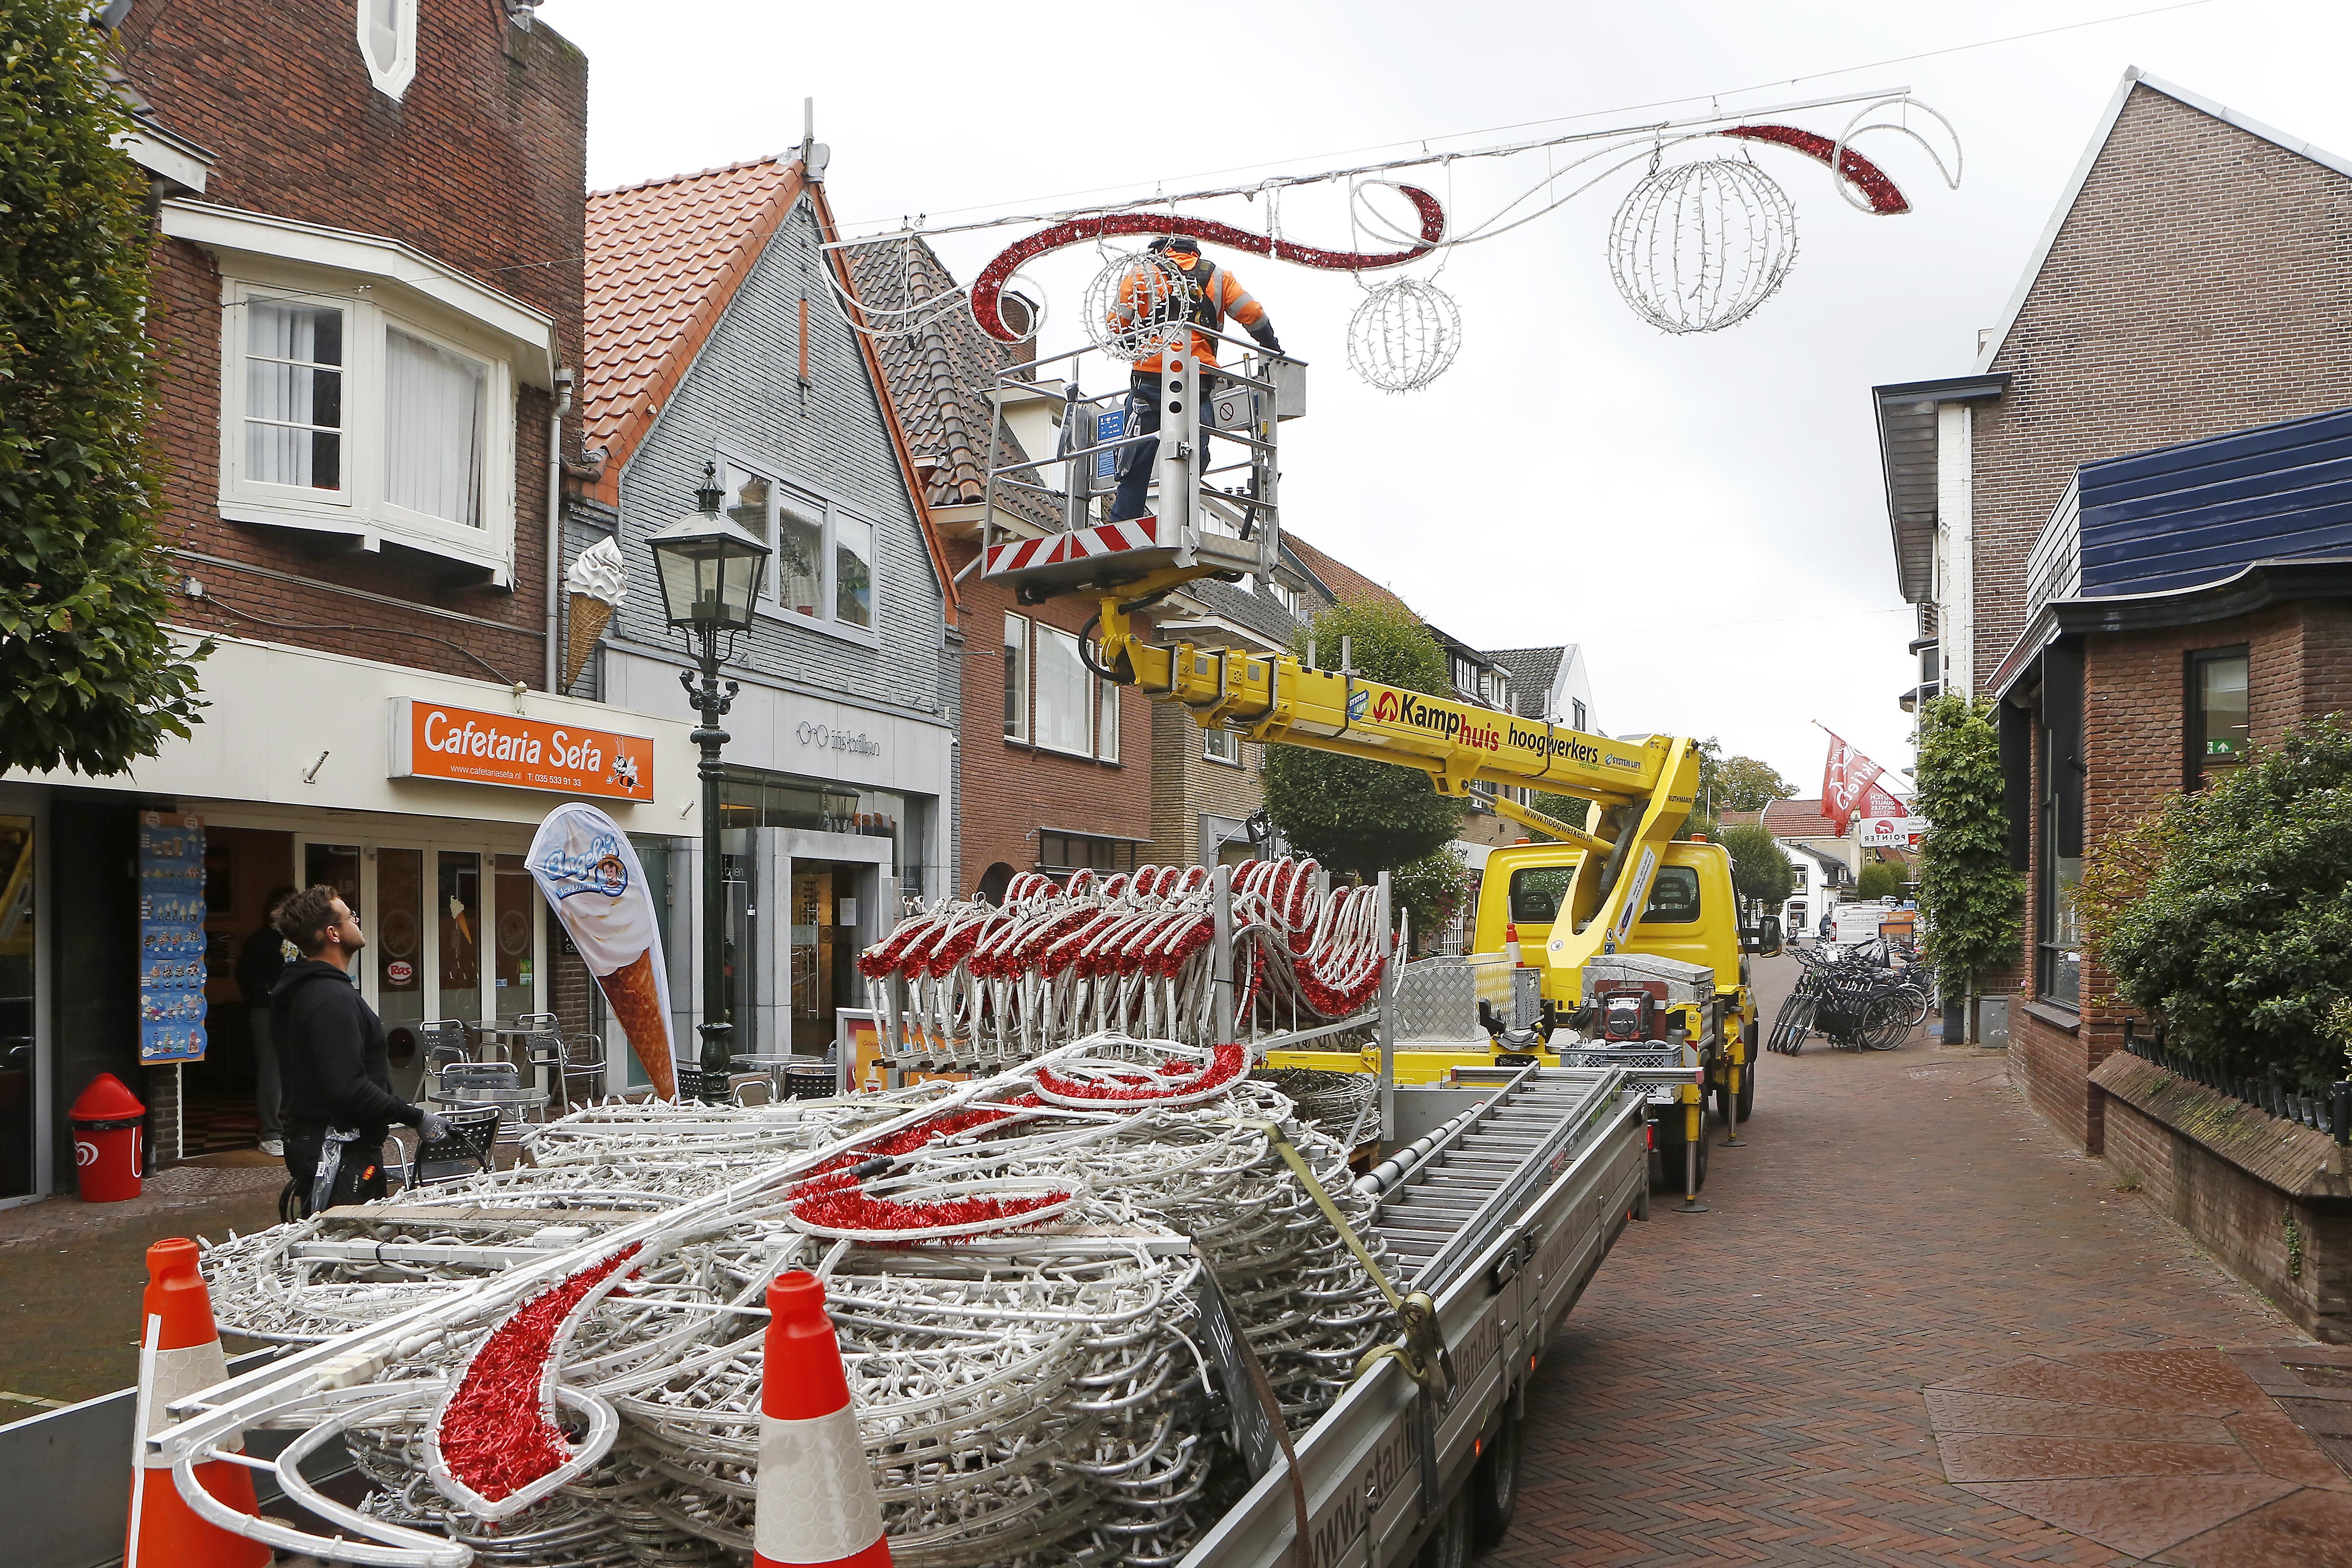 Baarns winkelcentrum maakt zich op voor de feestmaand: de lampjes hangen